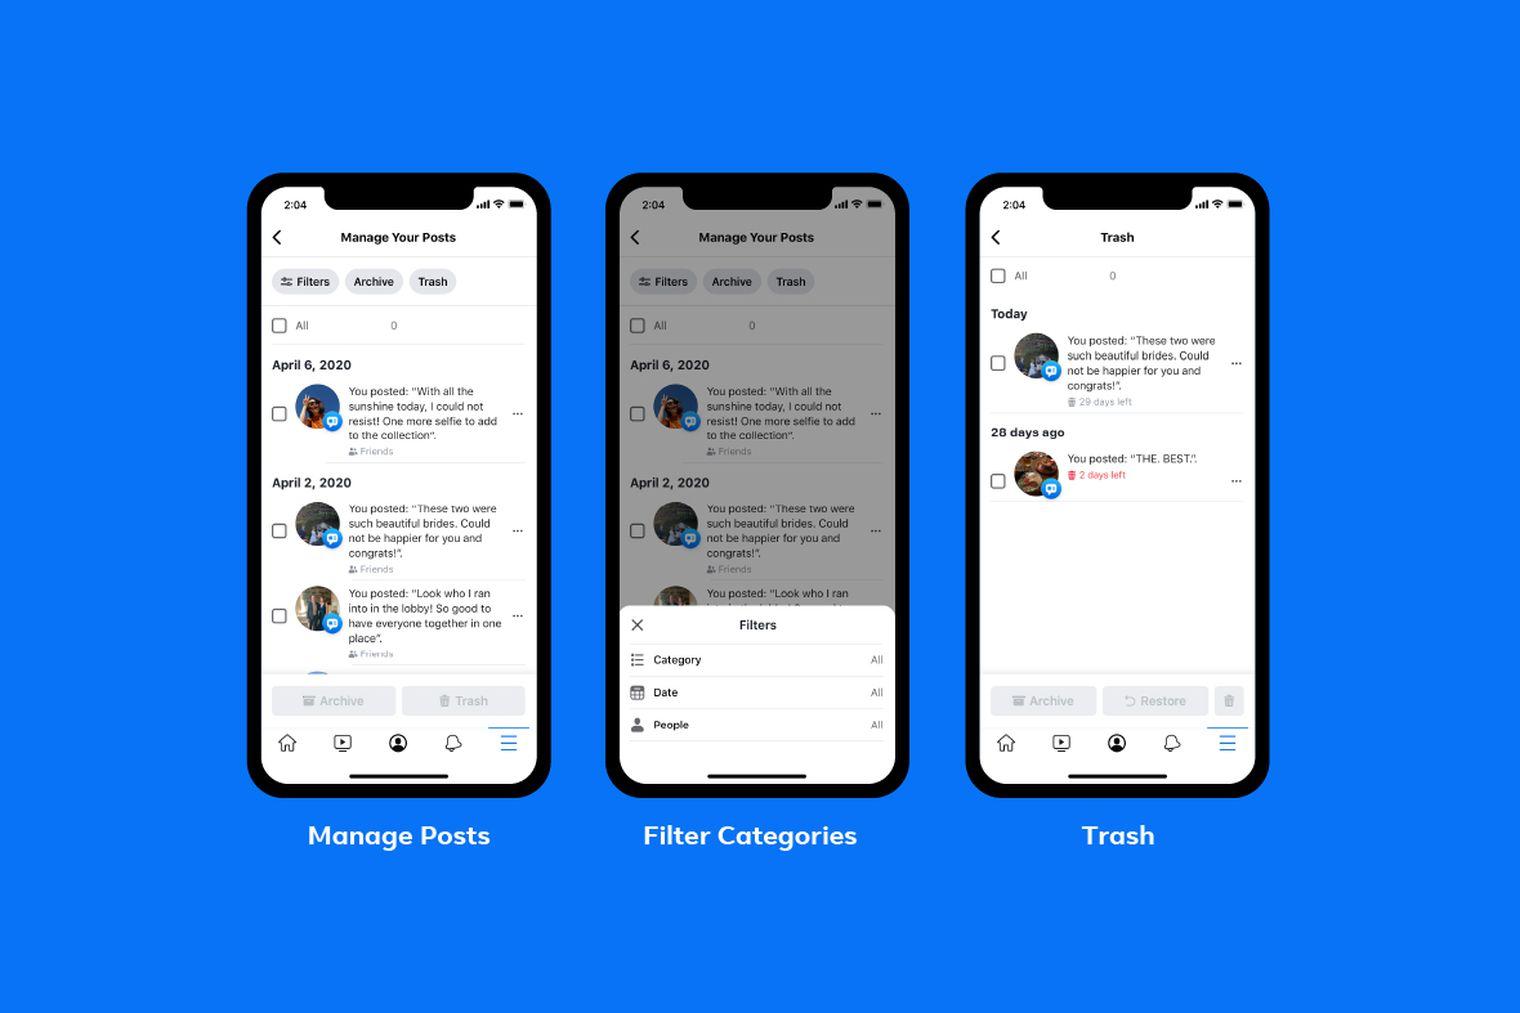 Facebook ra mắt chức năng mới giúp dễ dàng xóa hàng loạt bài đăng cũ đáng xấu hổ của bạn